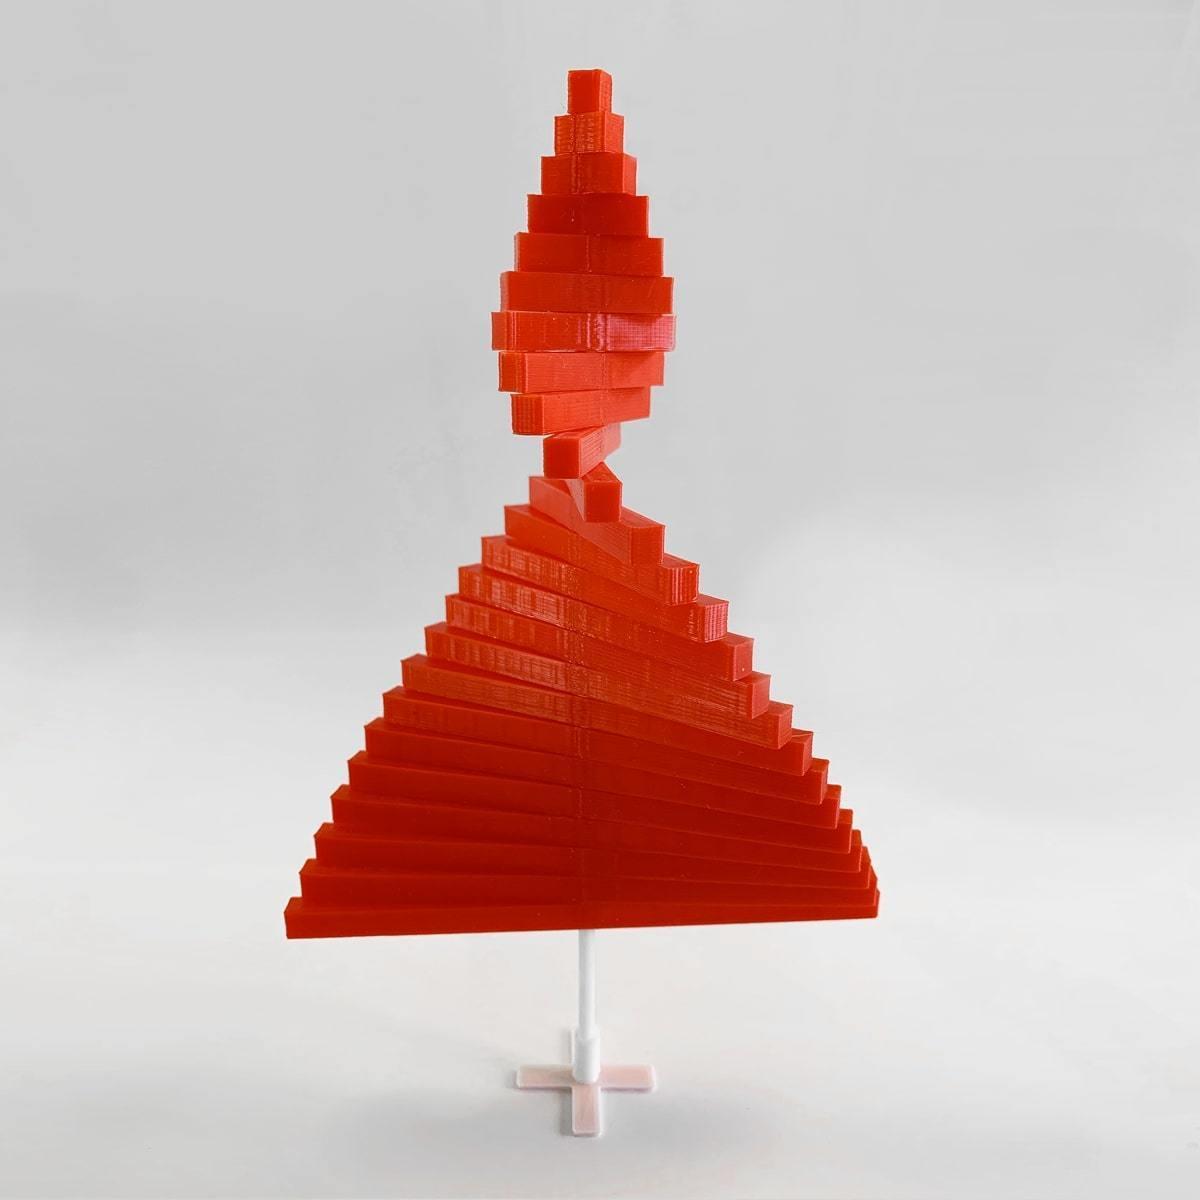 XmasTree_2.jpg Télécharger fichier STL gratuit Peeno - L'arbre de Noël minimal • Plan imprimable en 3D, addiscamillo